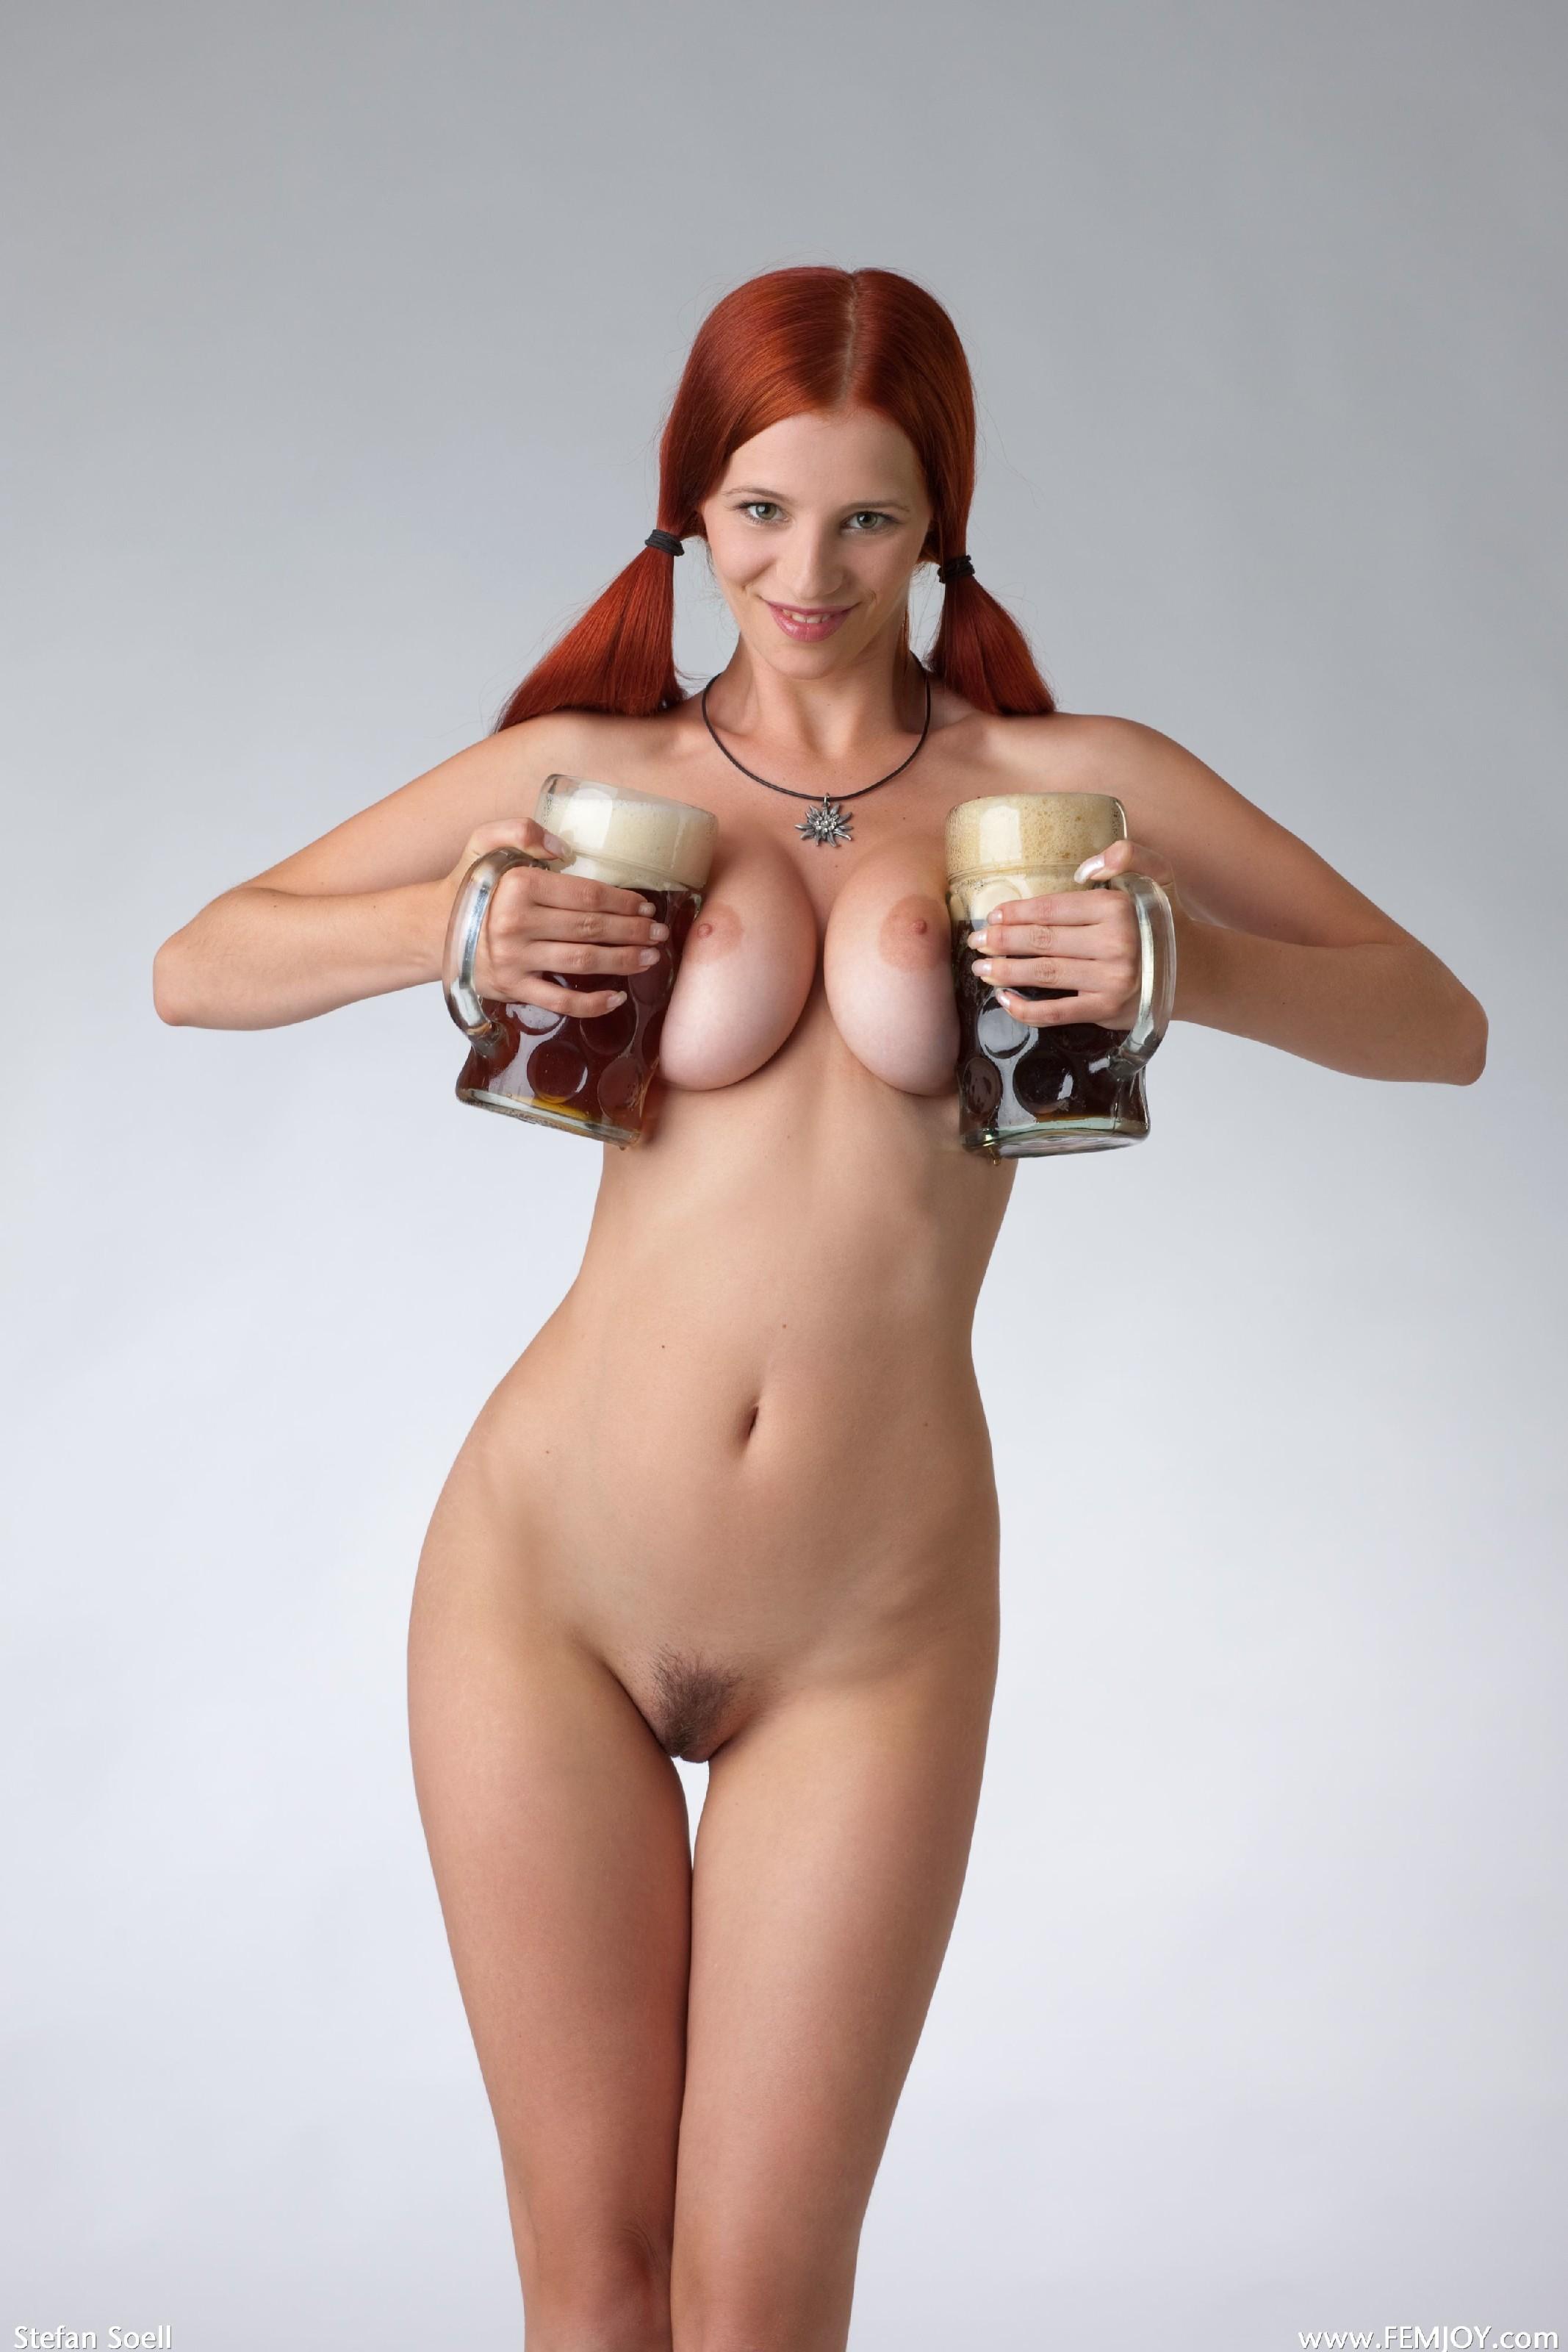 Фото голых девушек с пивом, горничная хочет секса